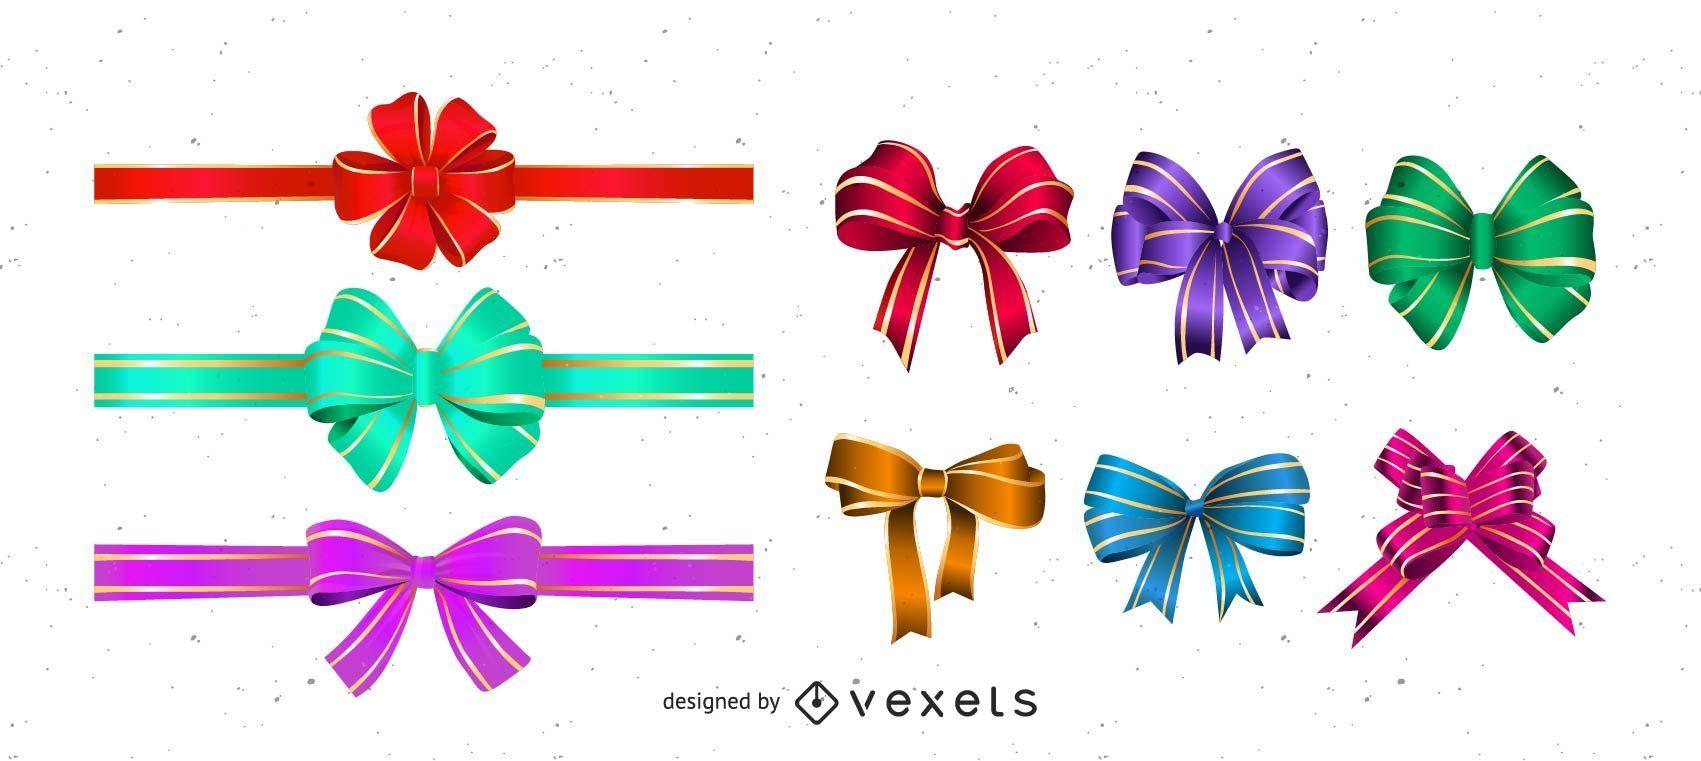 Glossy Ribbon and Bows